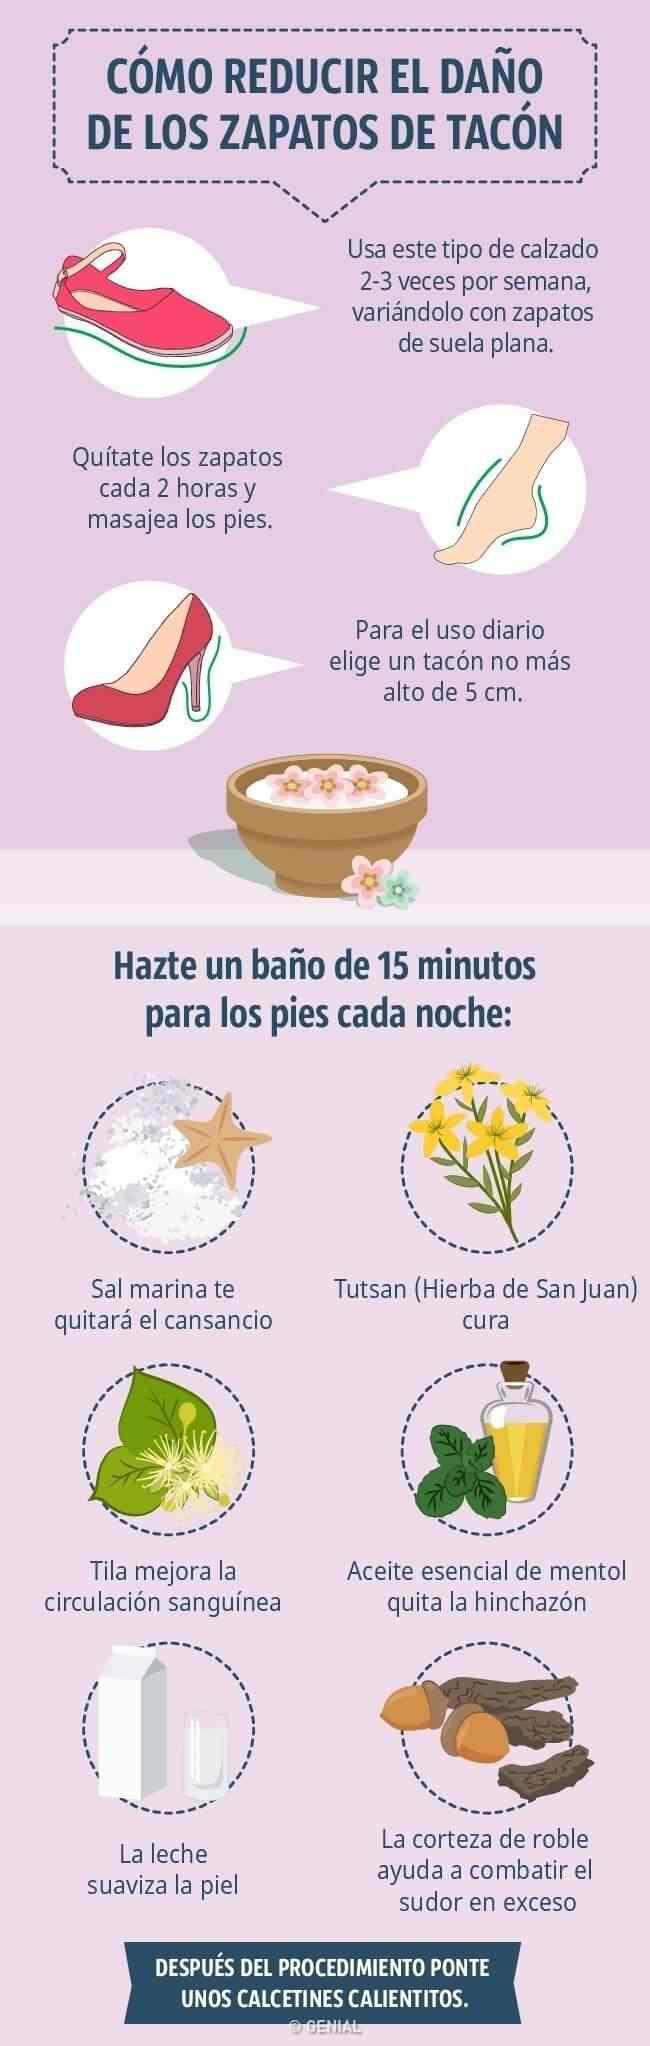 tacones-y-salud-4